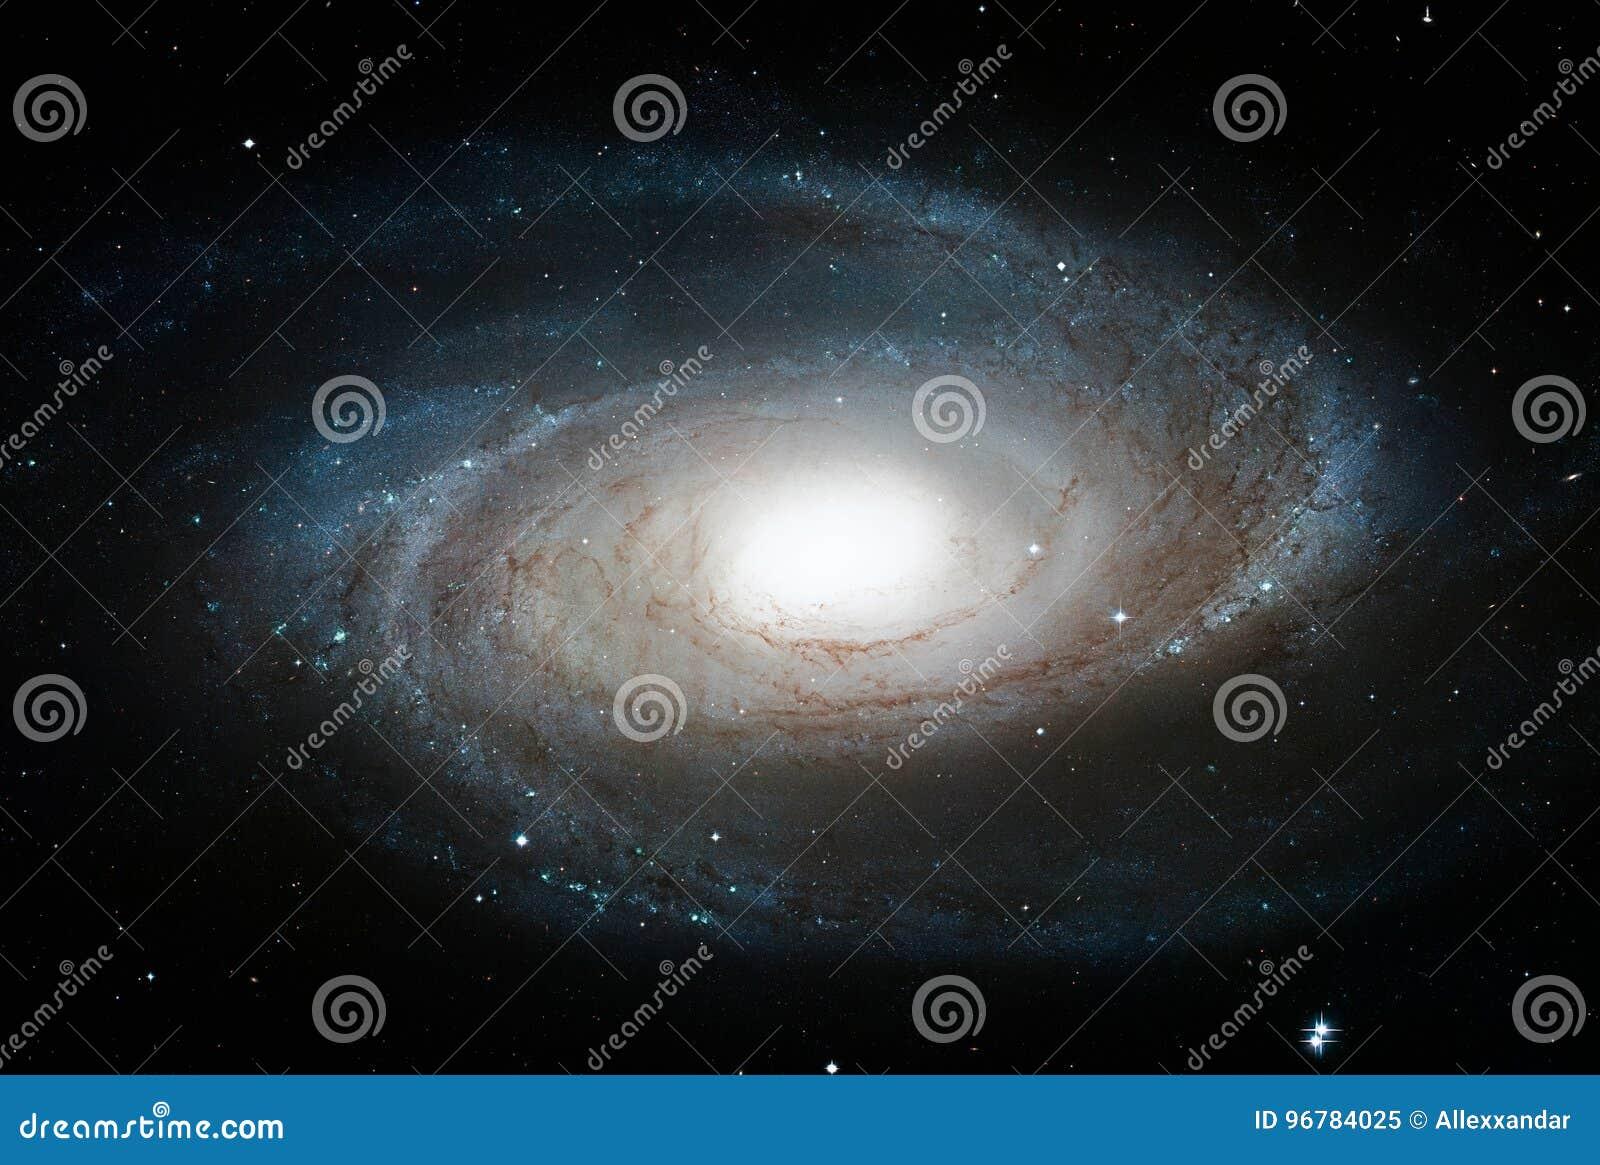 Voorspel de Melkweg van ` s, M81, Spiraalvormige melkweg in de constellatie Ursa Major